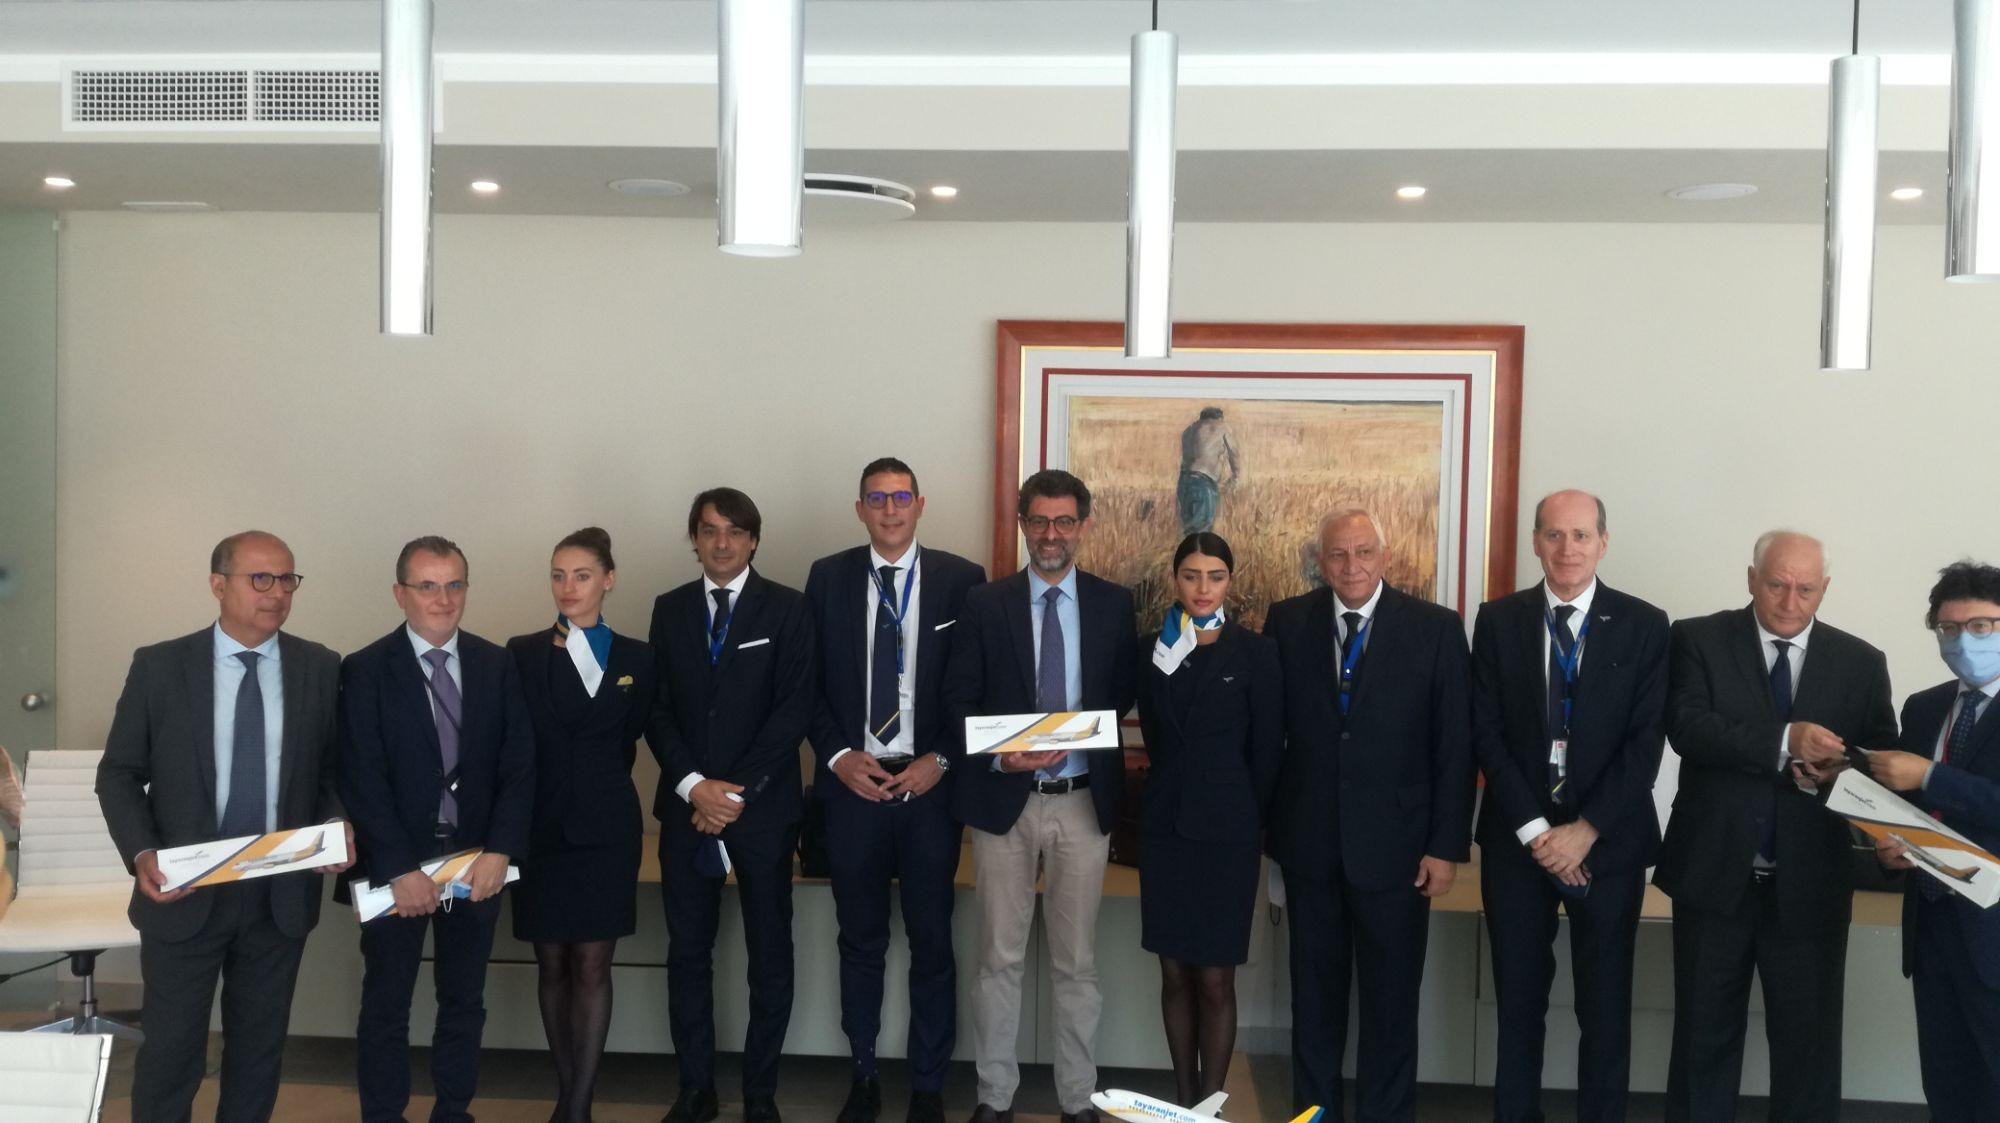 Sac Service Aeroporto Catania: pubblicate 3 consulenze. Dipendenti ancora in cassa integrazione